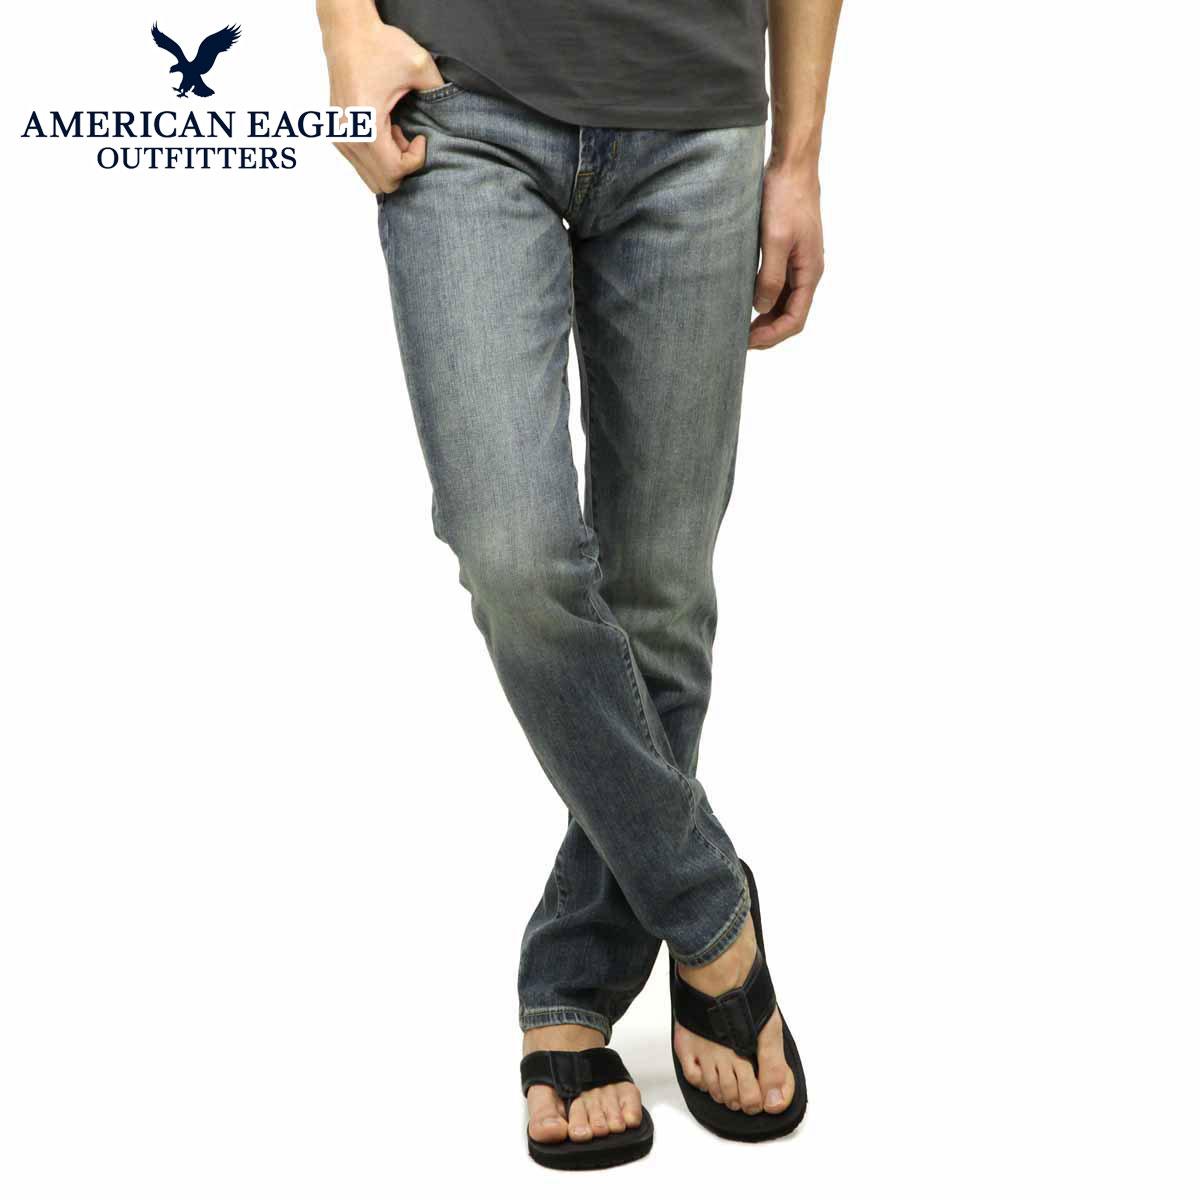 30%OFF sale American eagle jeans men's regular article AMERICAN EAGLE jeans  Skinny Jean 0119-2884 MEDIUM CONT